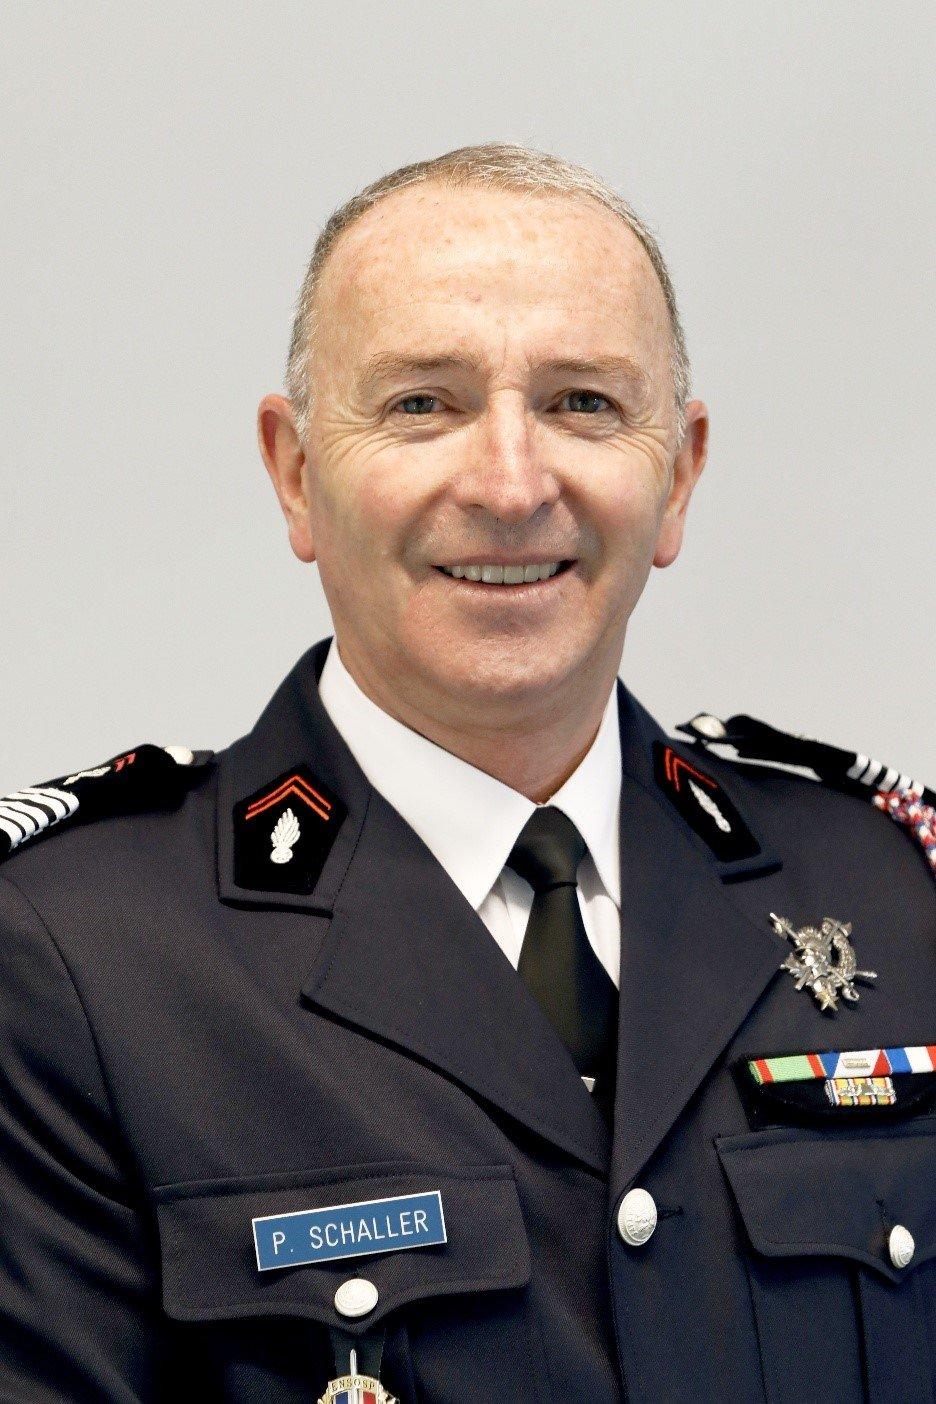 Pierre Schaller